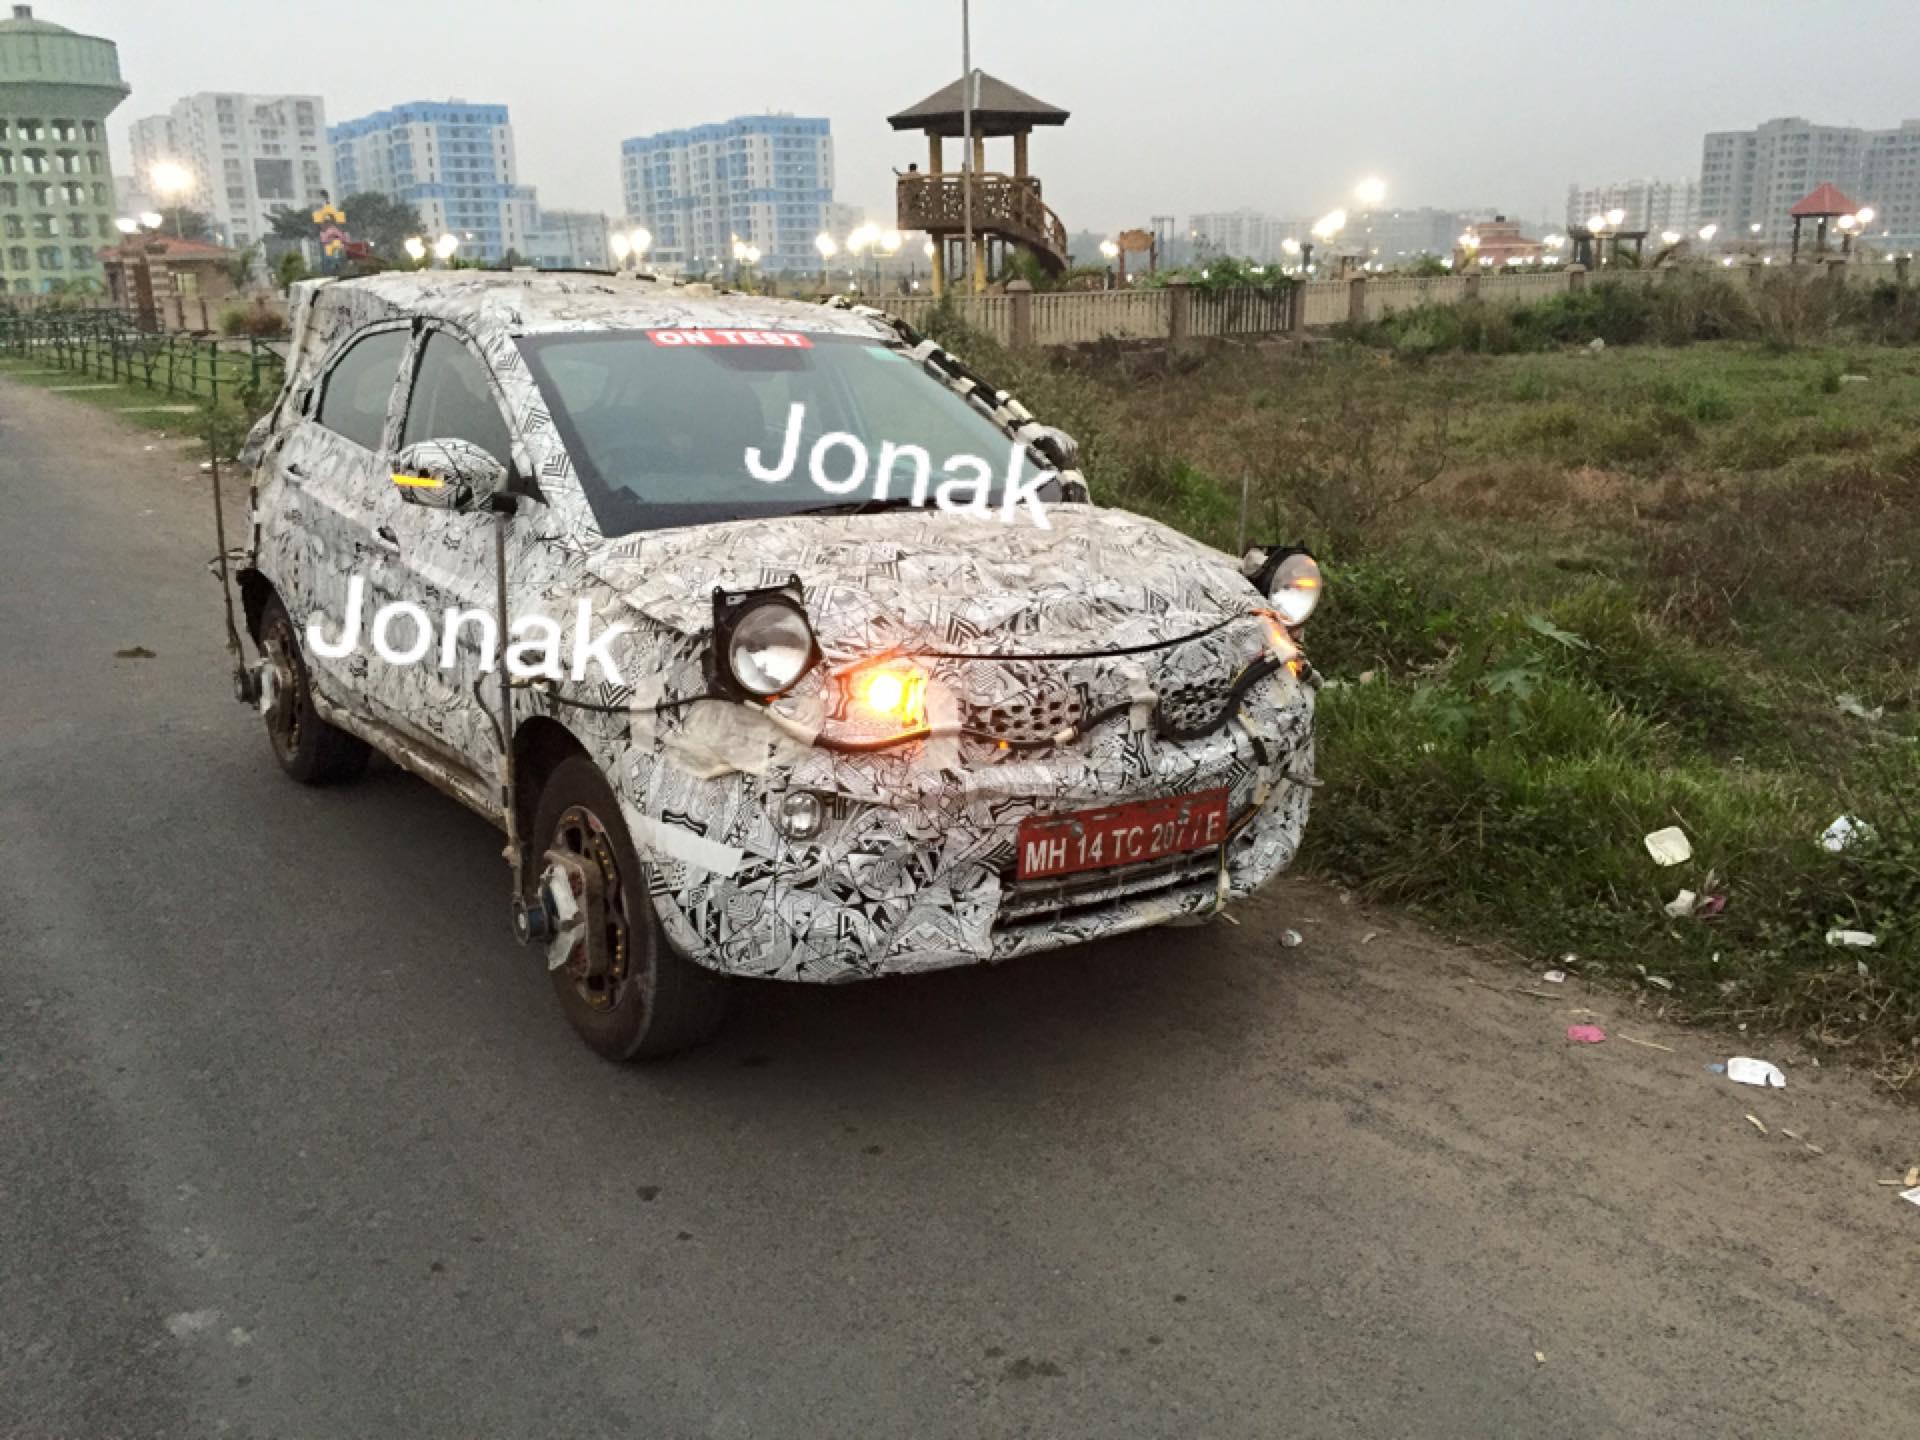 Tata Nexon snapped testing in Kolkata